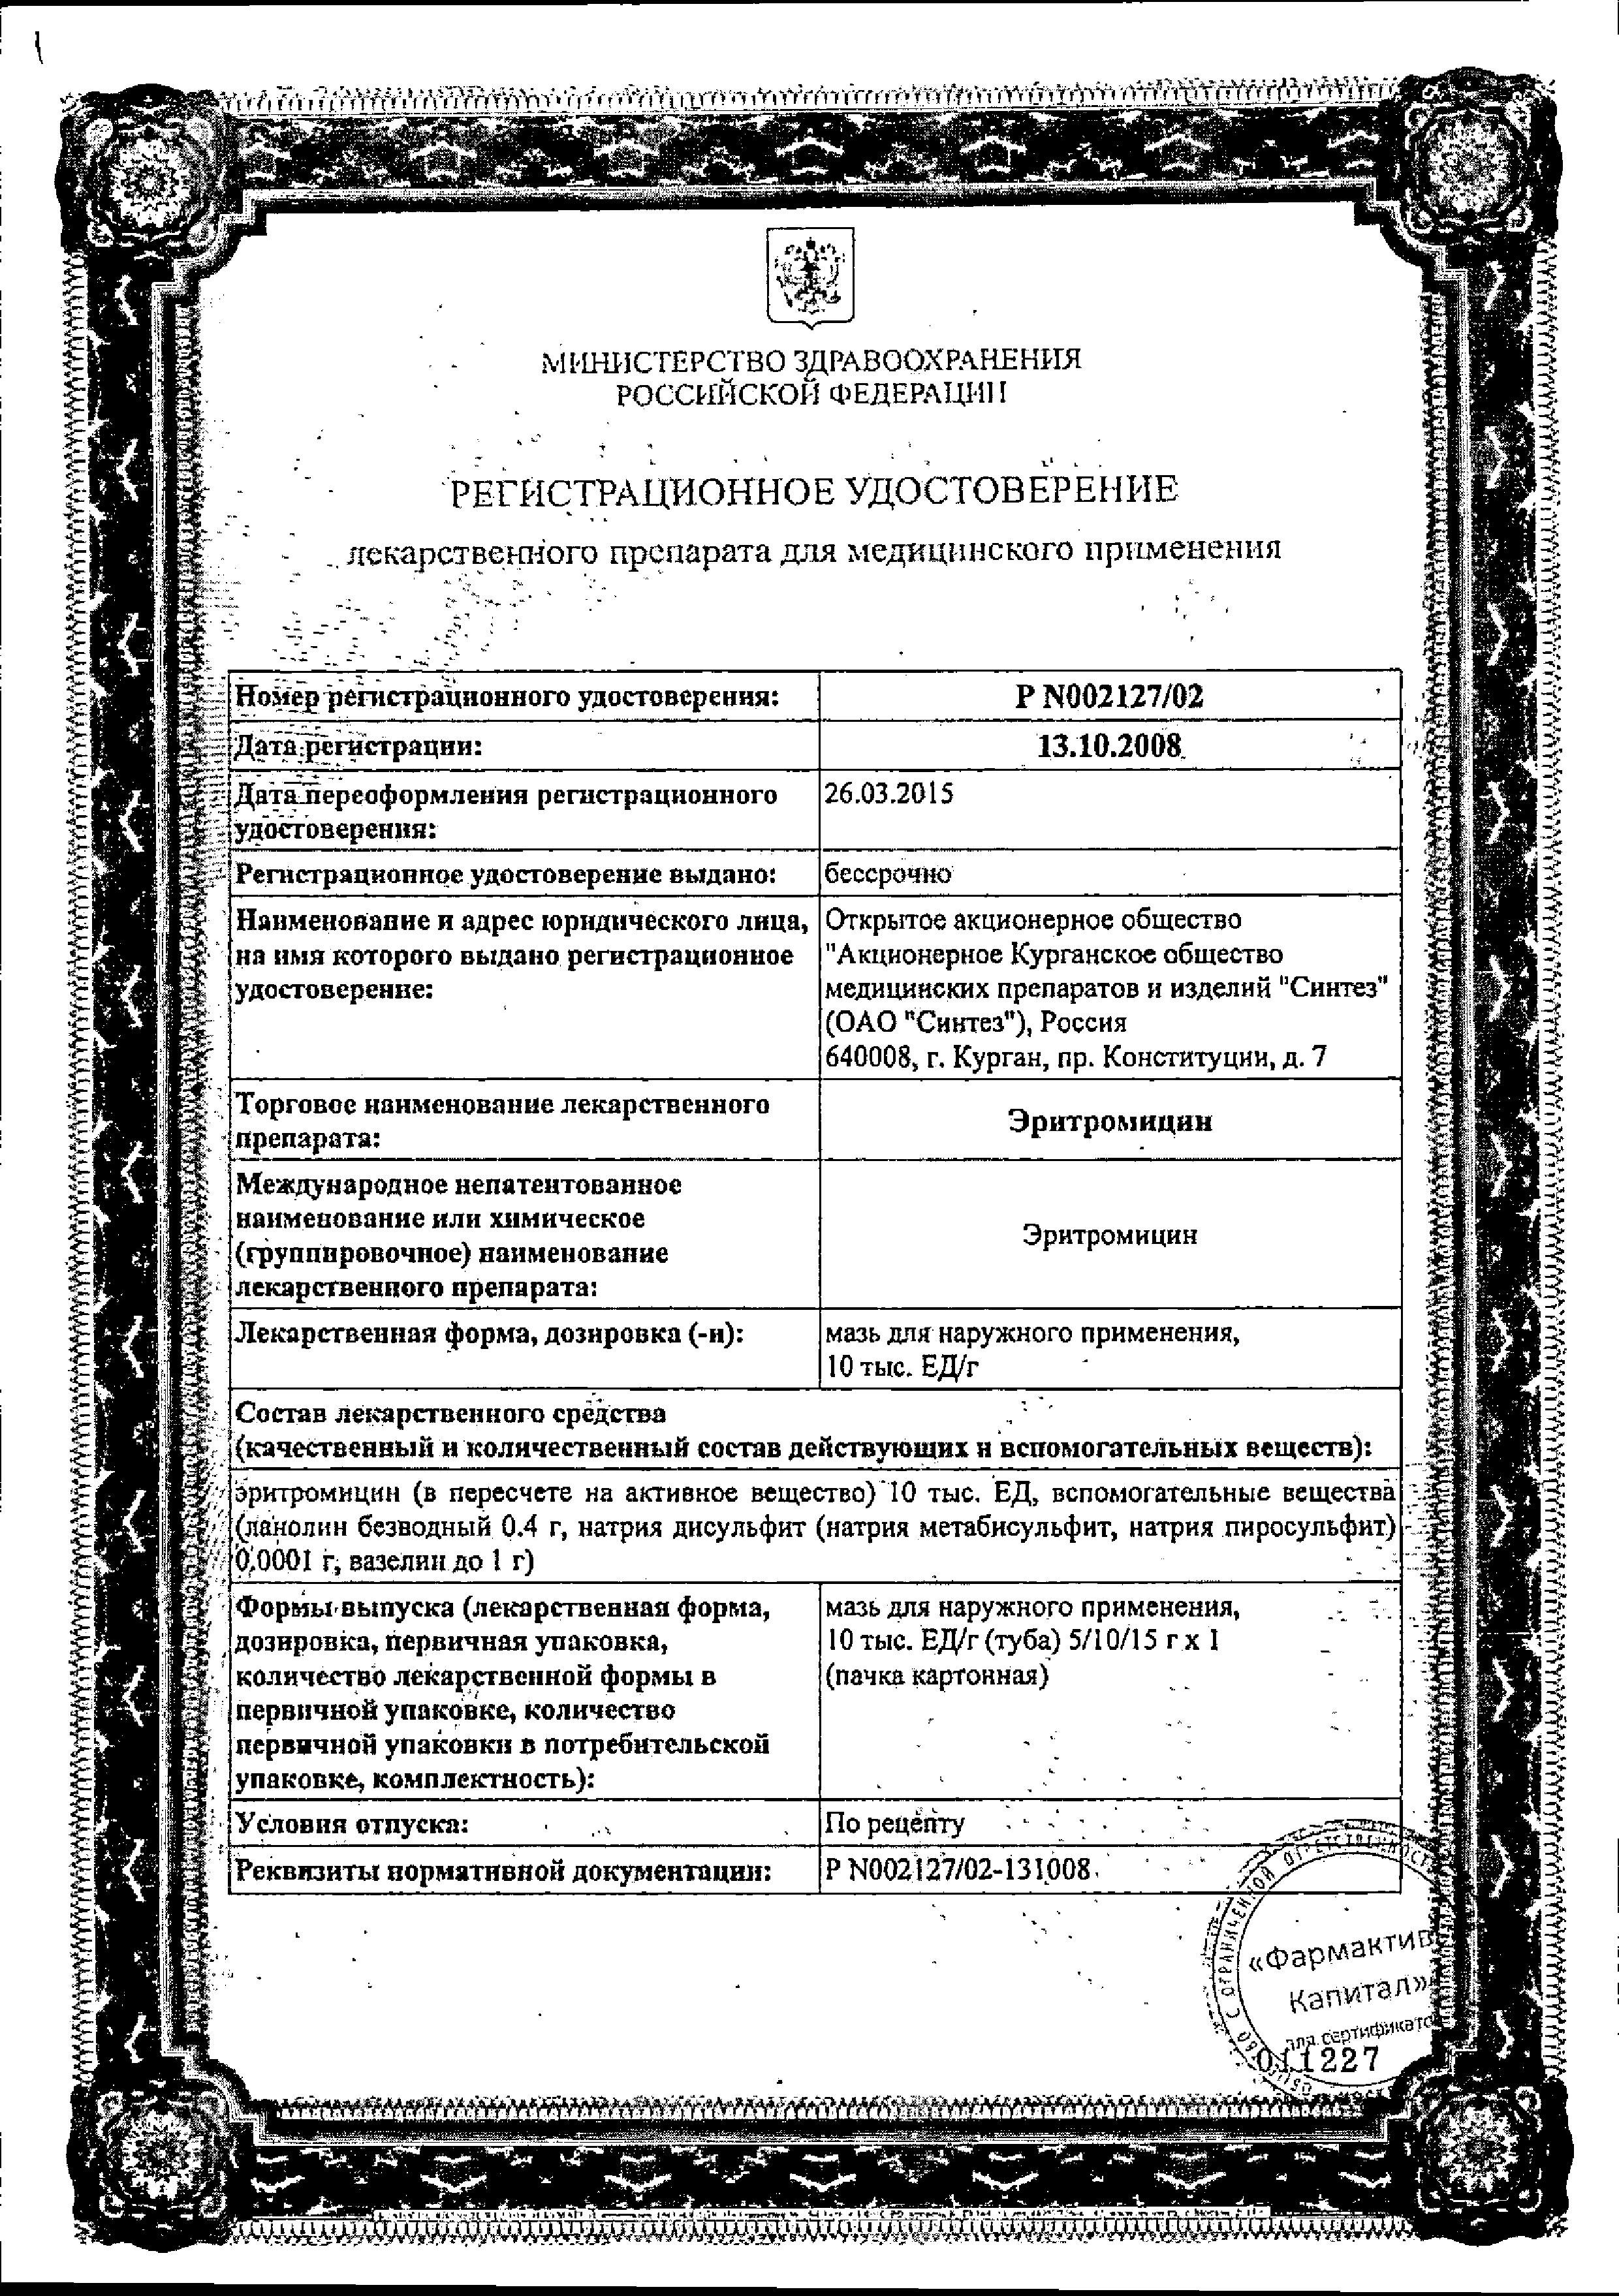 Эритромицин (мазь) сертификат